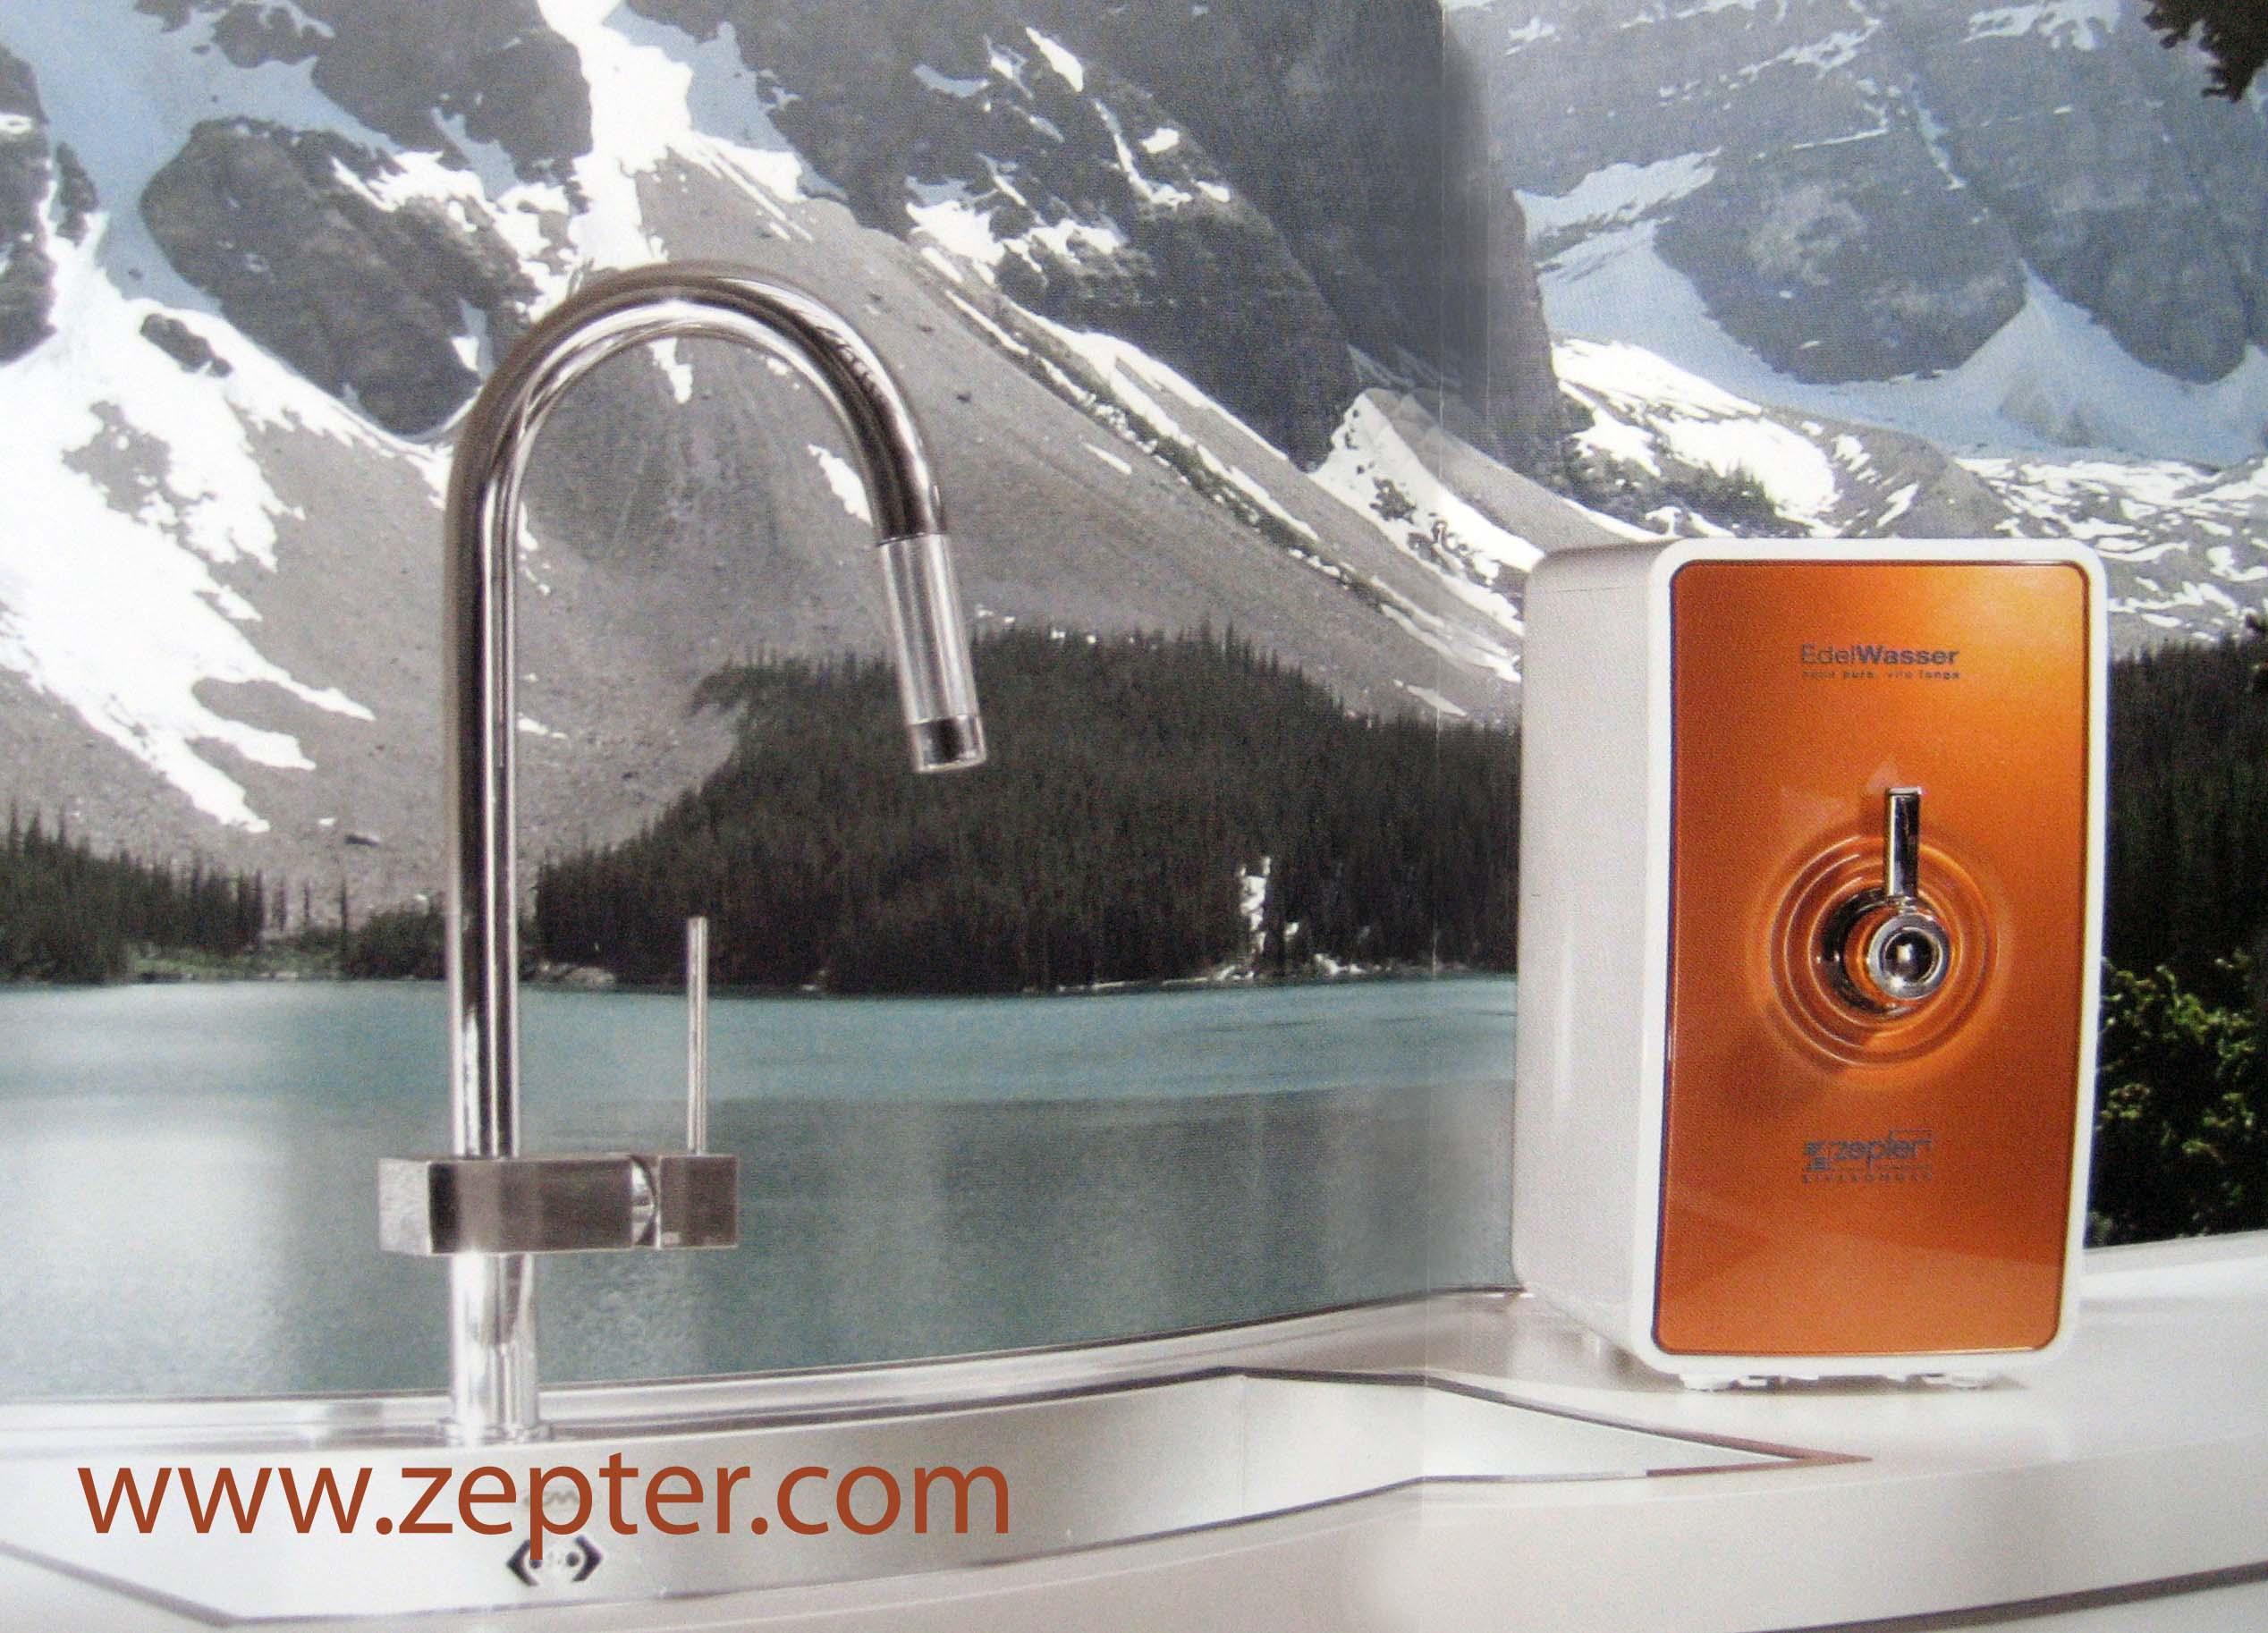 Система очистки воды Эдельвассер Цептер с возможностью установки на столешнице - 660 евро по курсу нацбанка